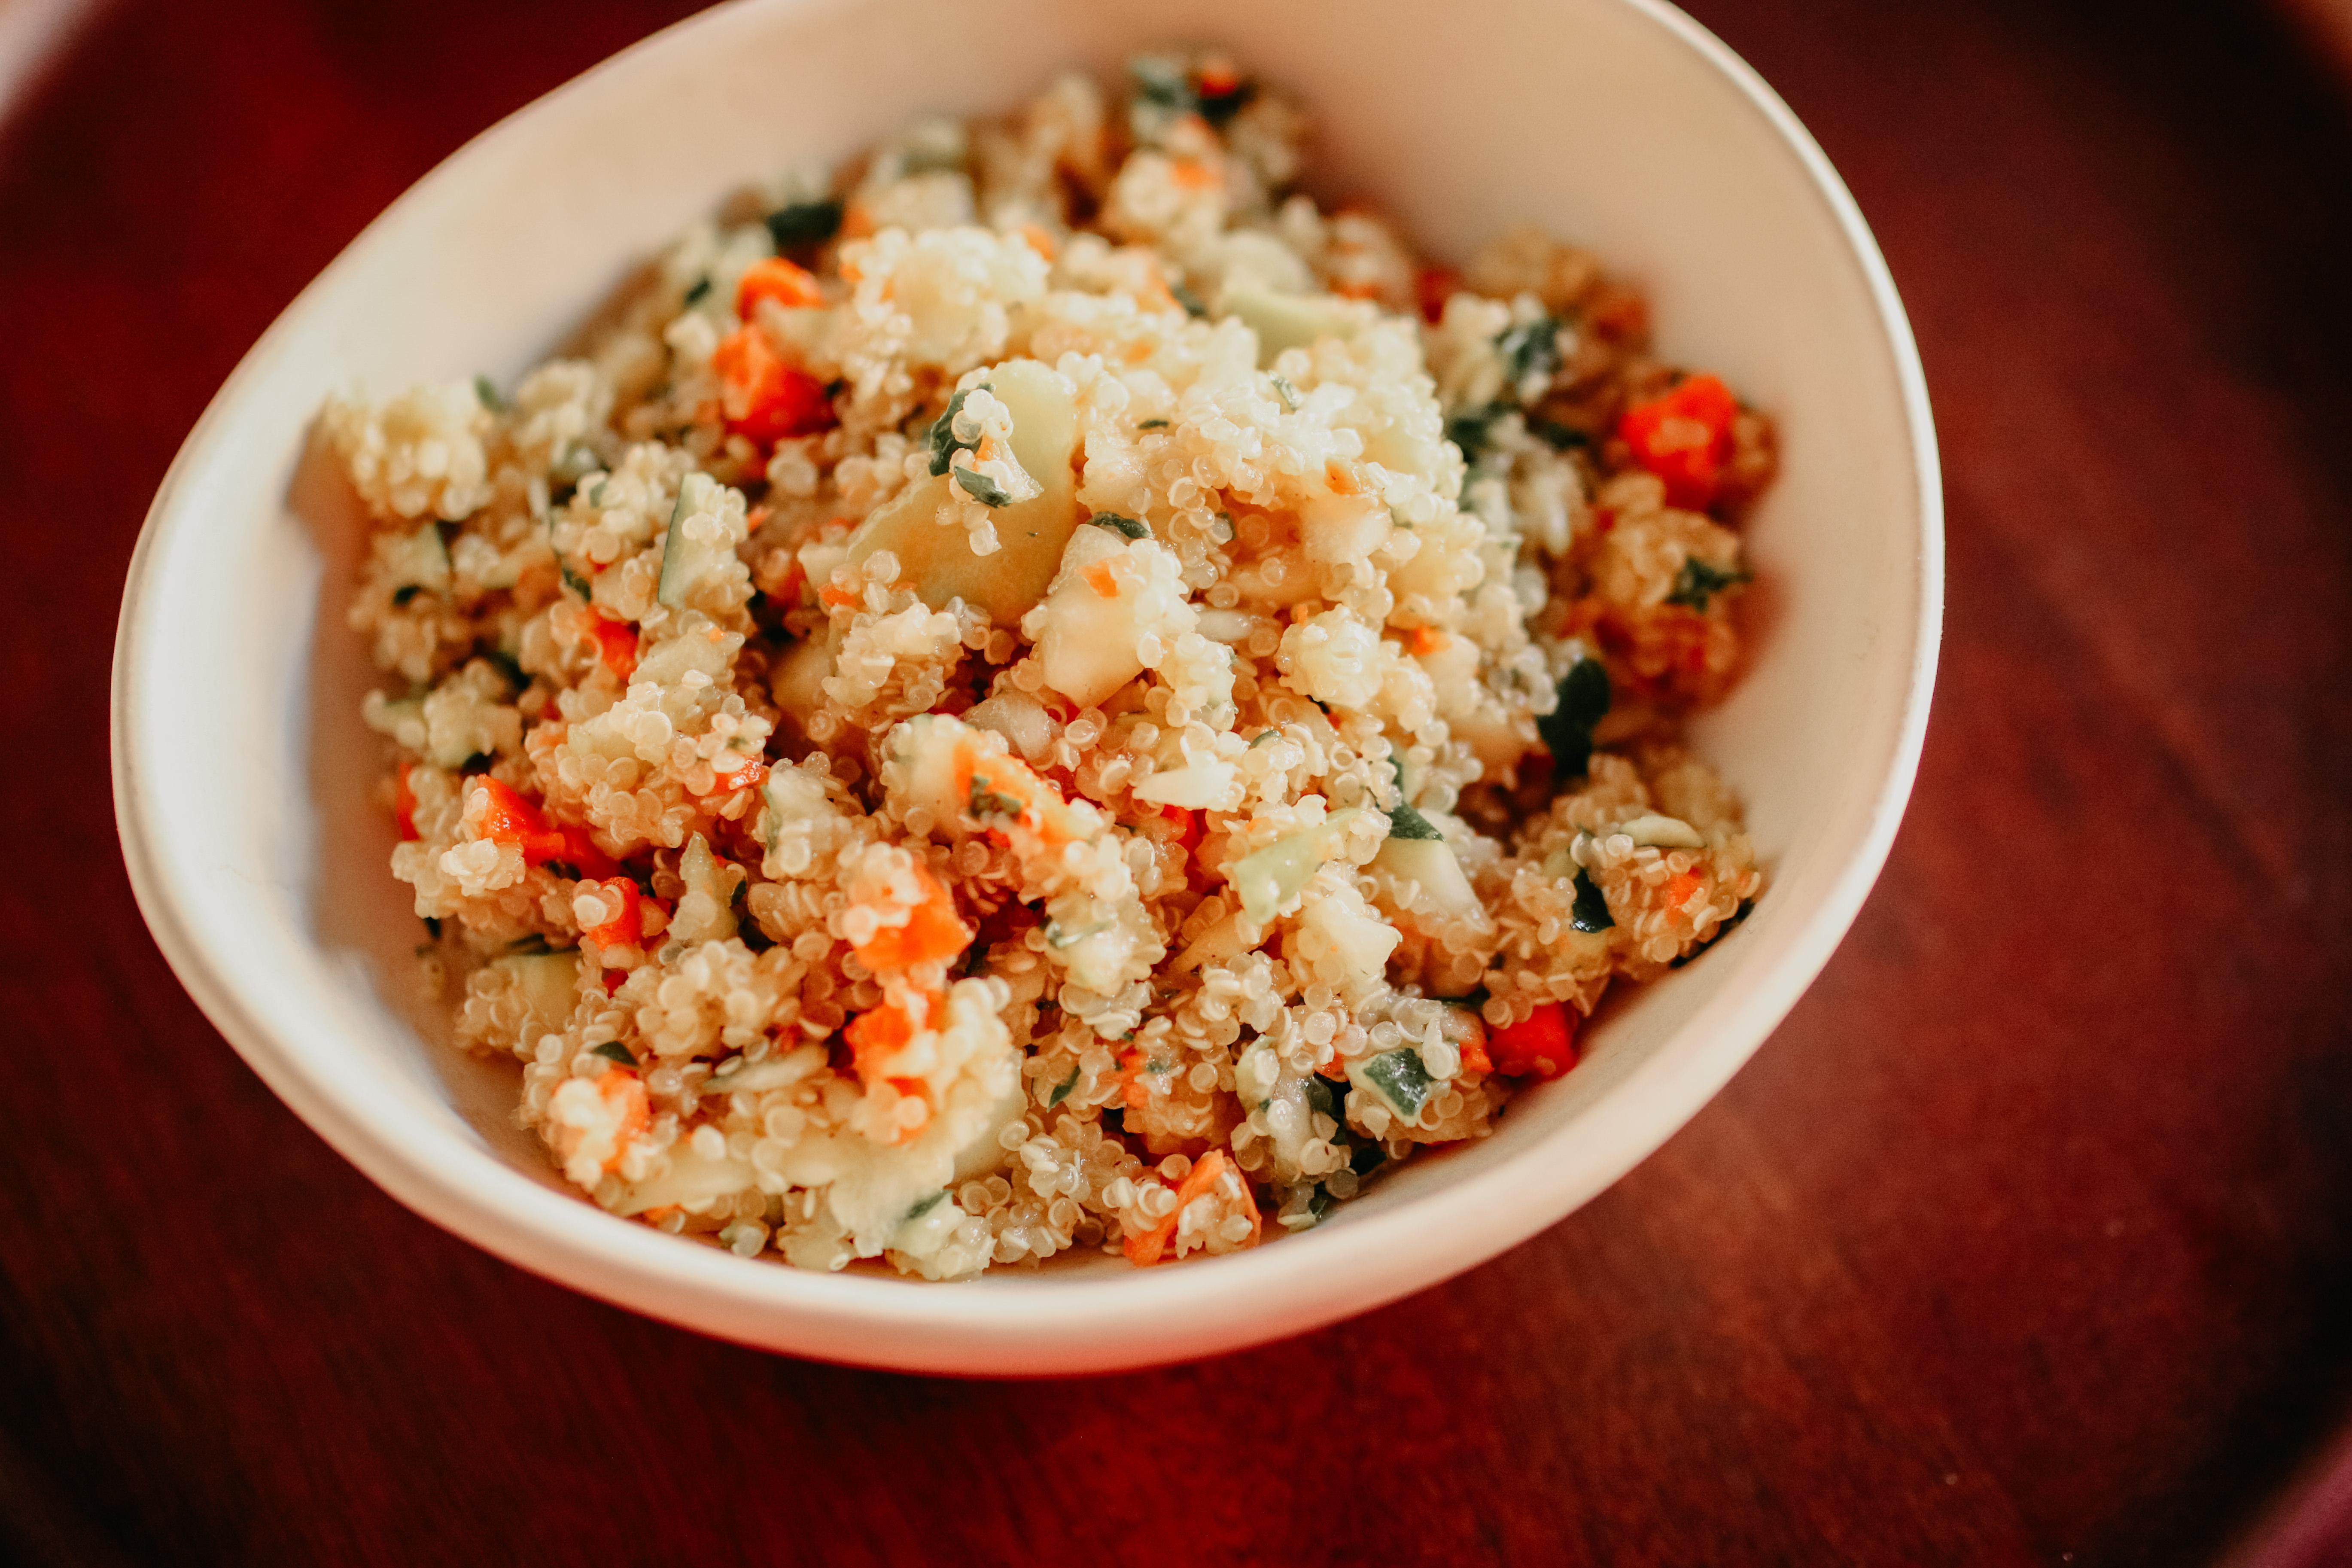 Ensalada de quinoa con zanahoria y calabacín